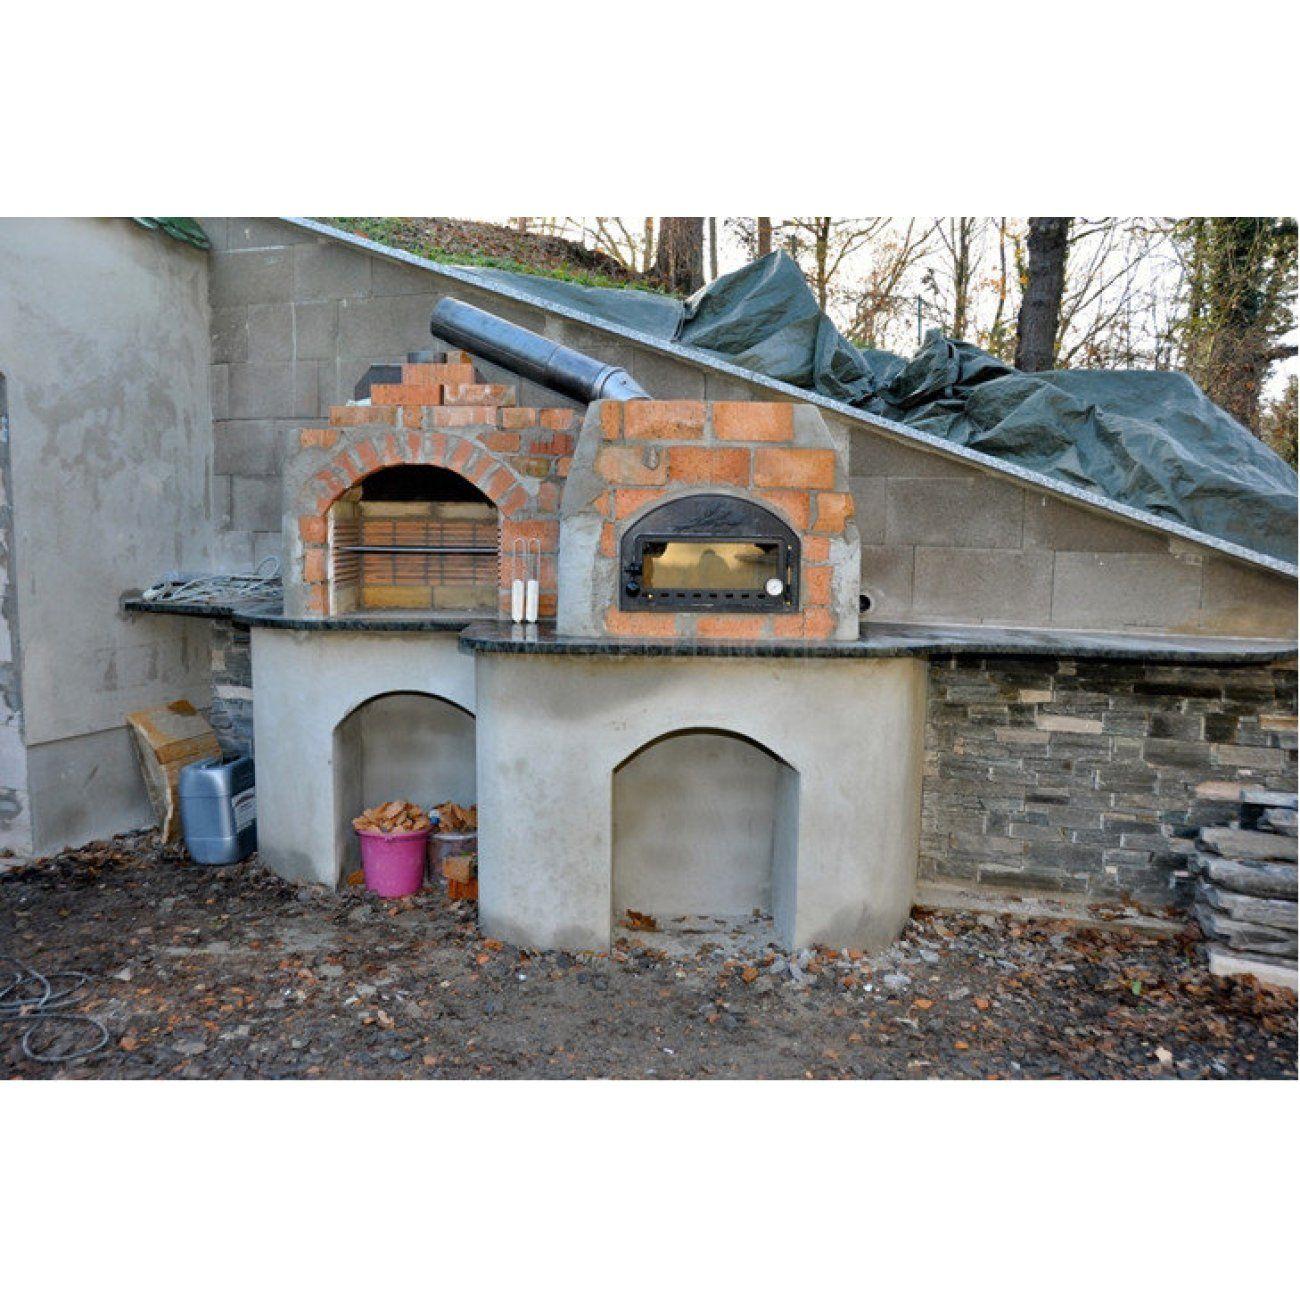 grill pizzaofen kombination selbst bauen | steinofen | pinterest, Garten und Bauen